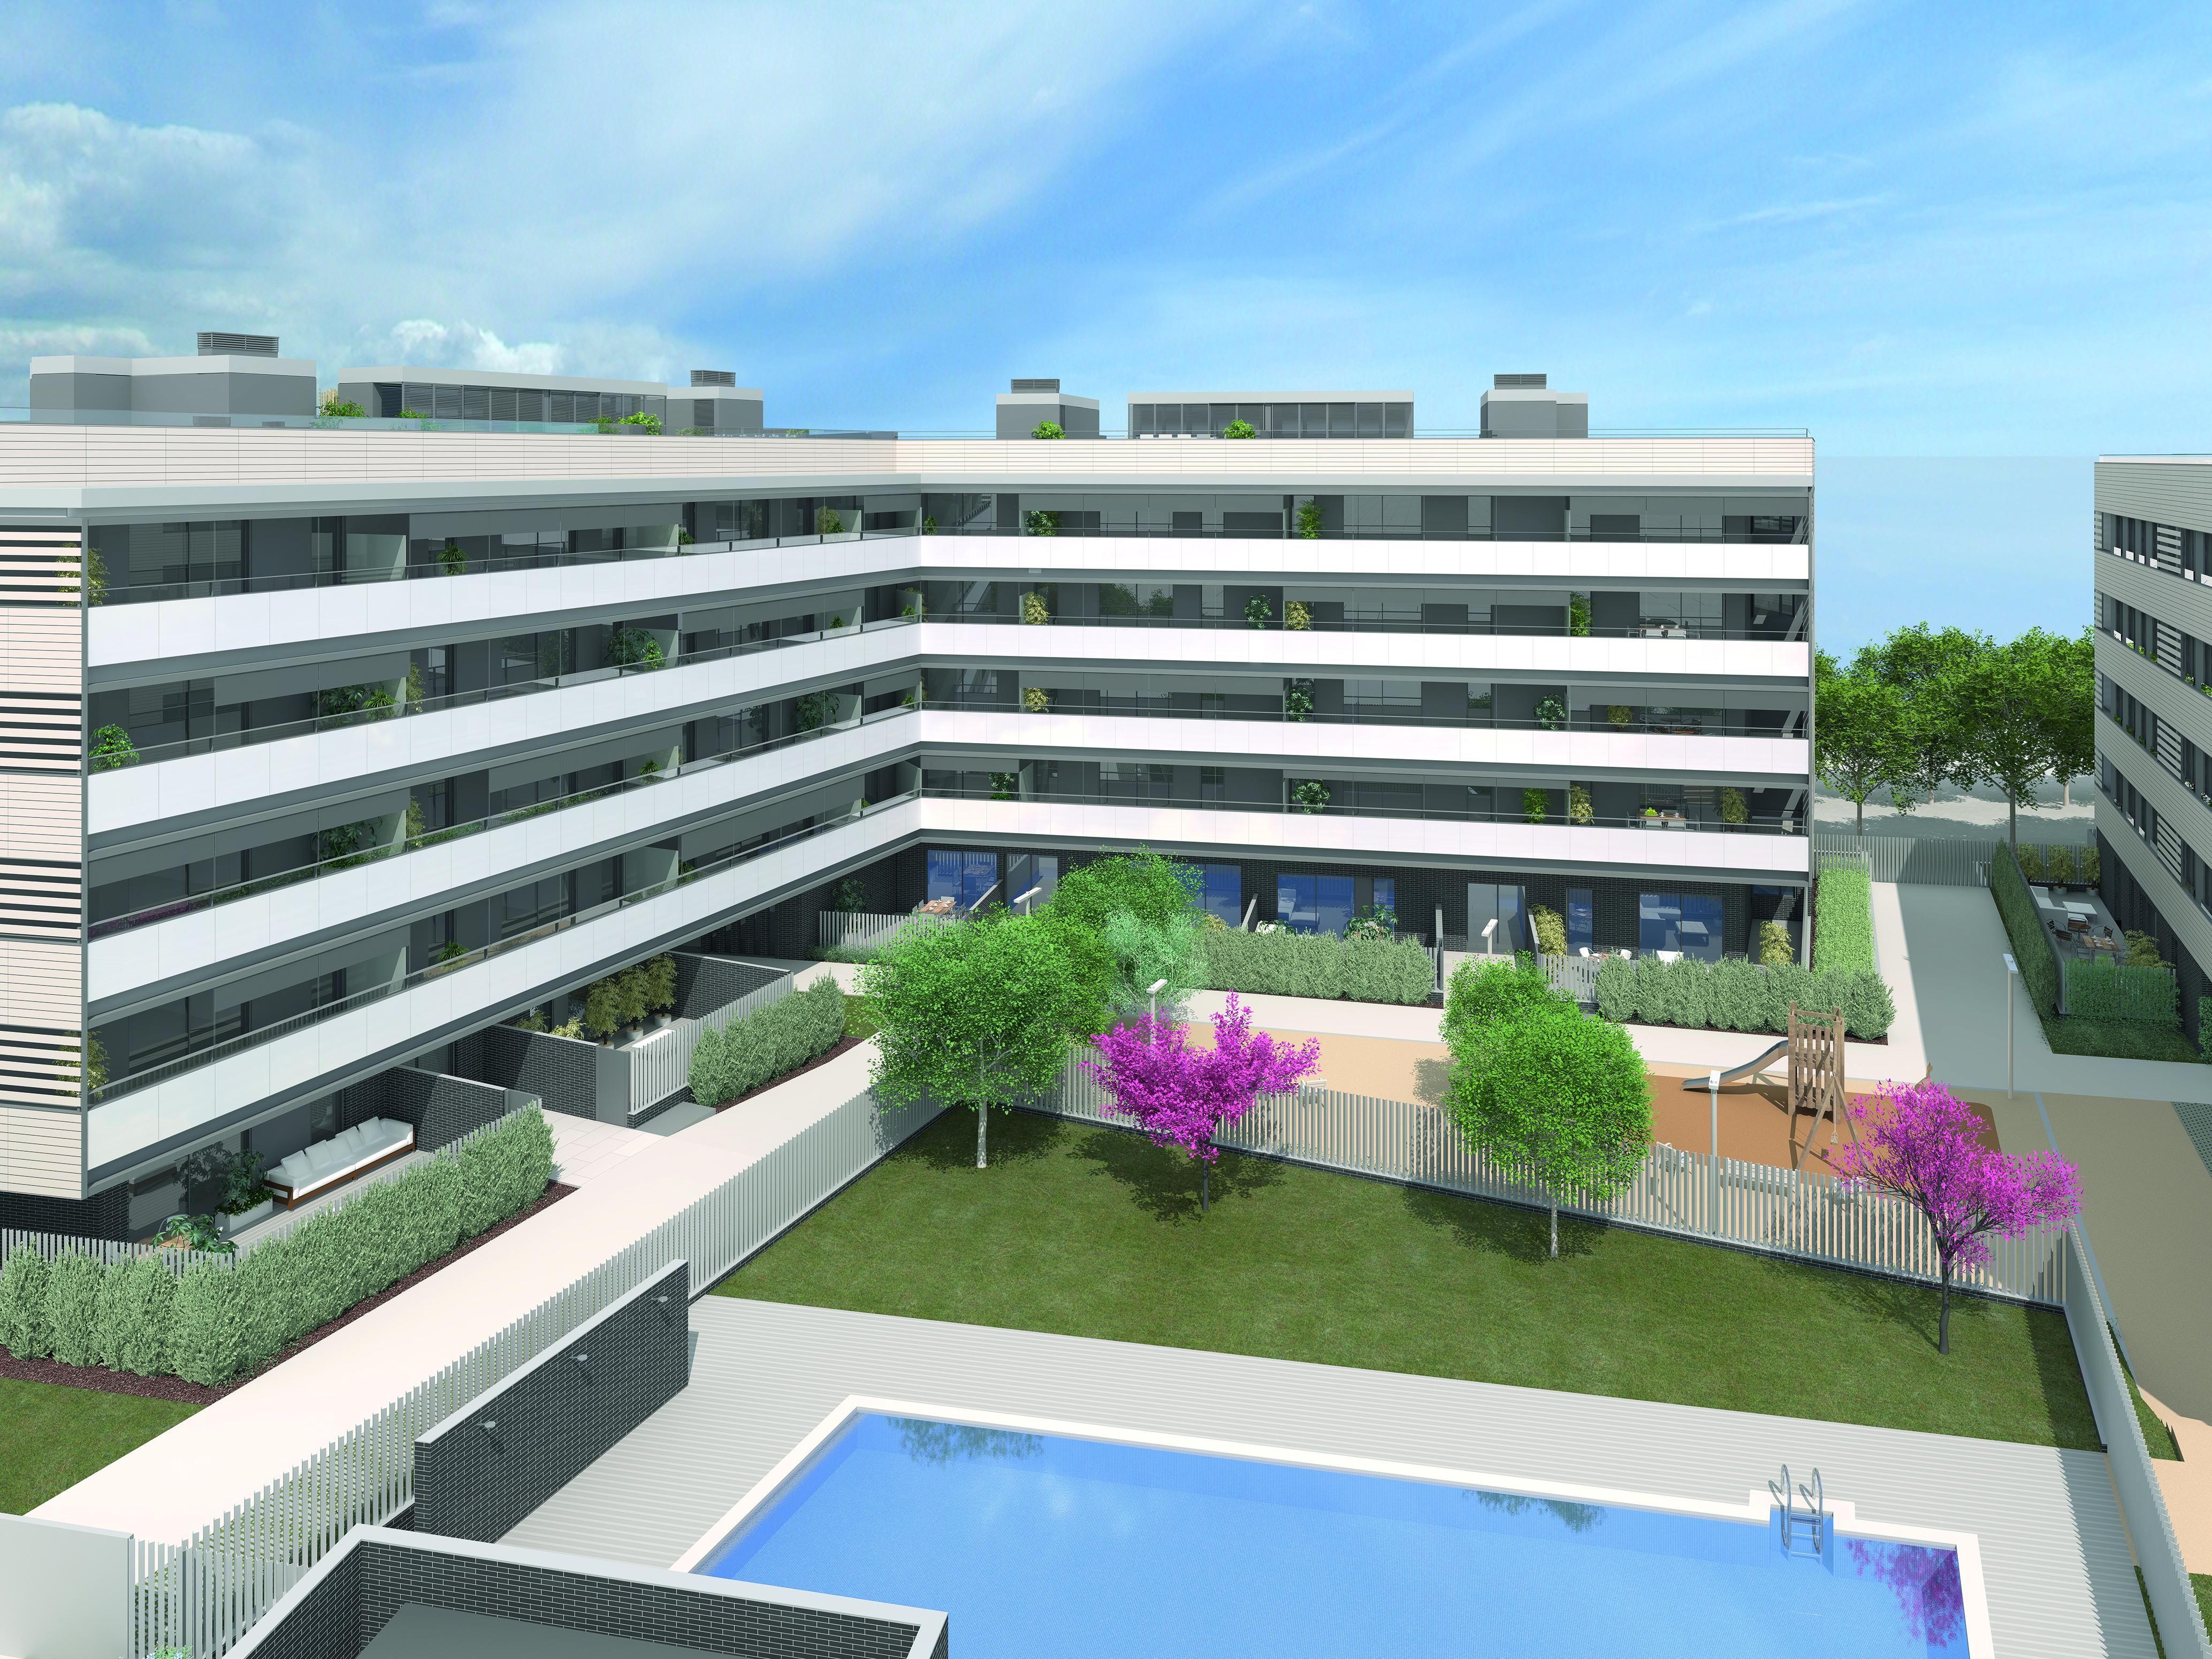 Piso en venta en Can Vasconcel, Sant Cugat del Vallès, Barcelona, Calle Josep de Peray, 625.000 €, 4 habitaciones, 1 baño, 130 m2